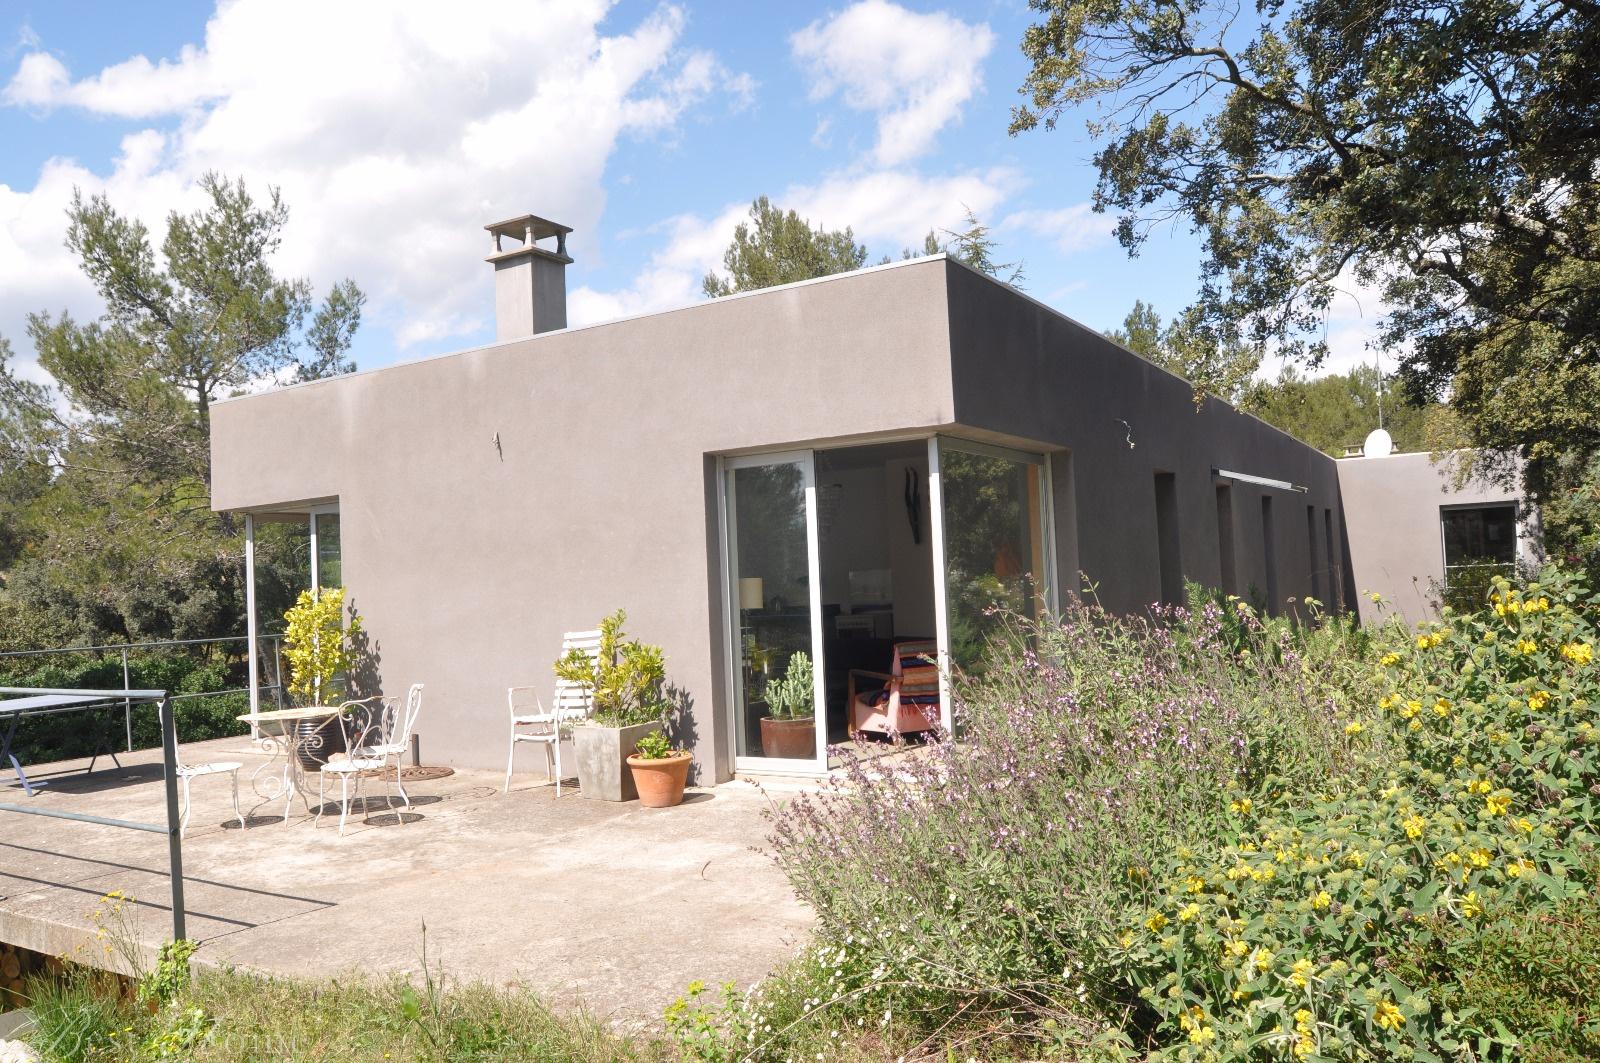 Vente maison contemporaine avec grand terrain arbor n mes for Maison moderne nimes